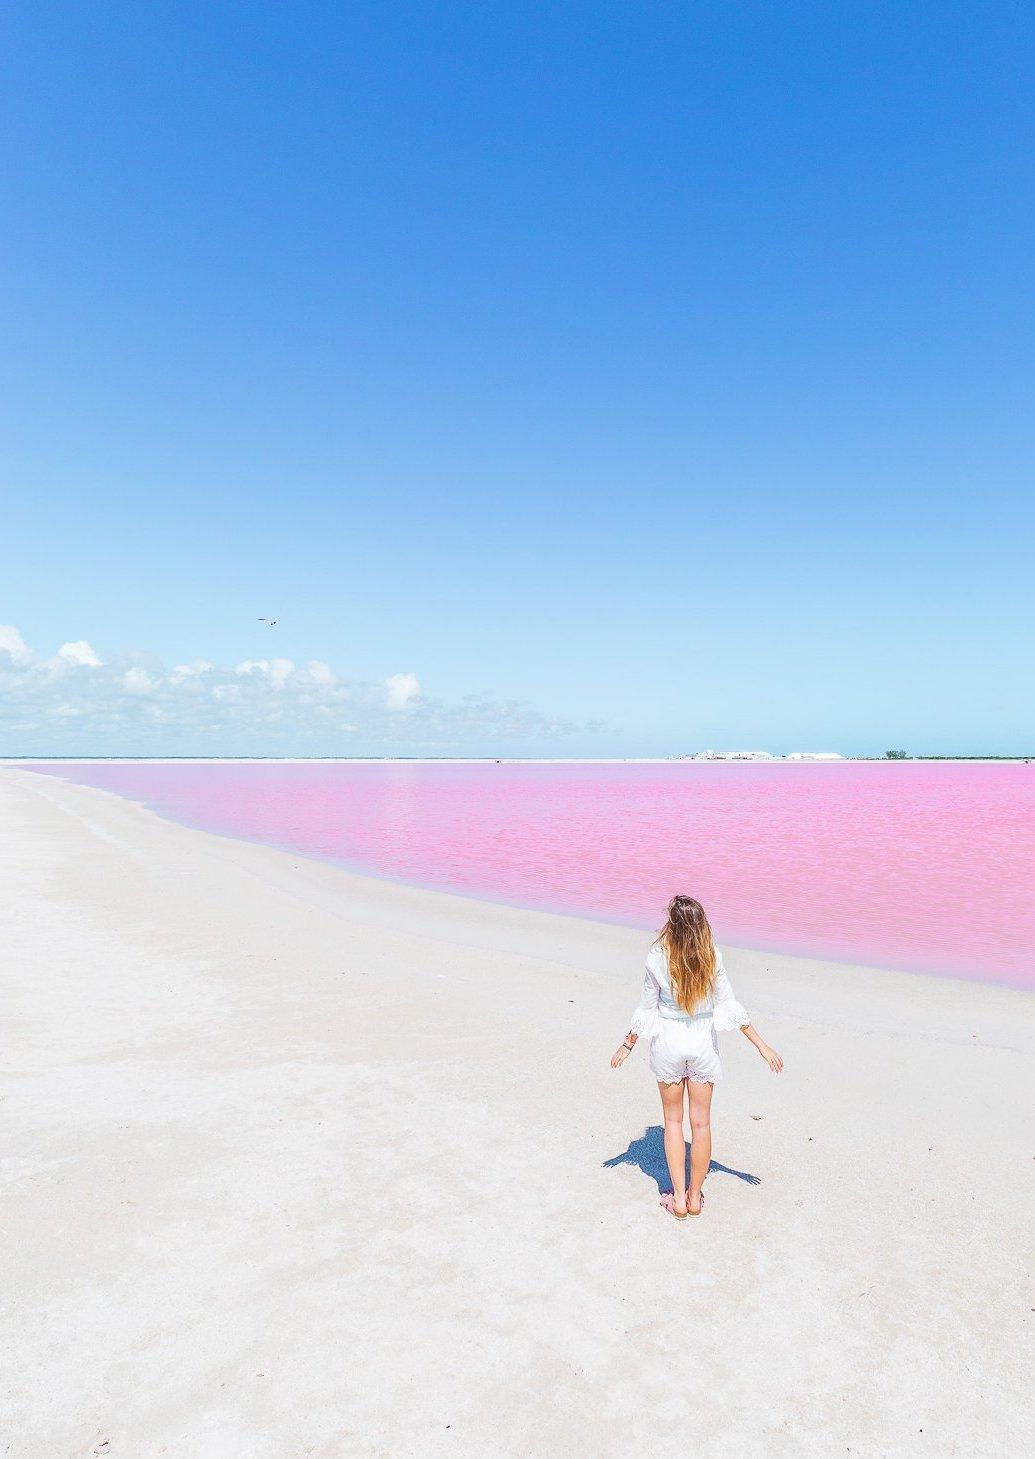 Mexique Lac Rose Yucatán